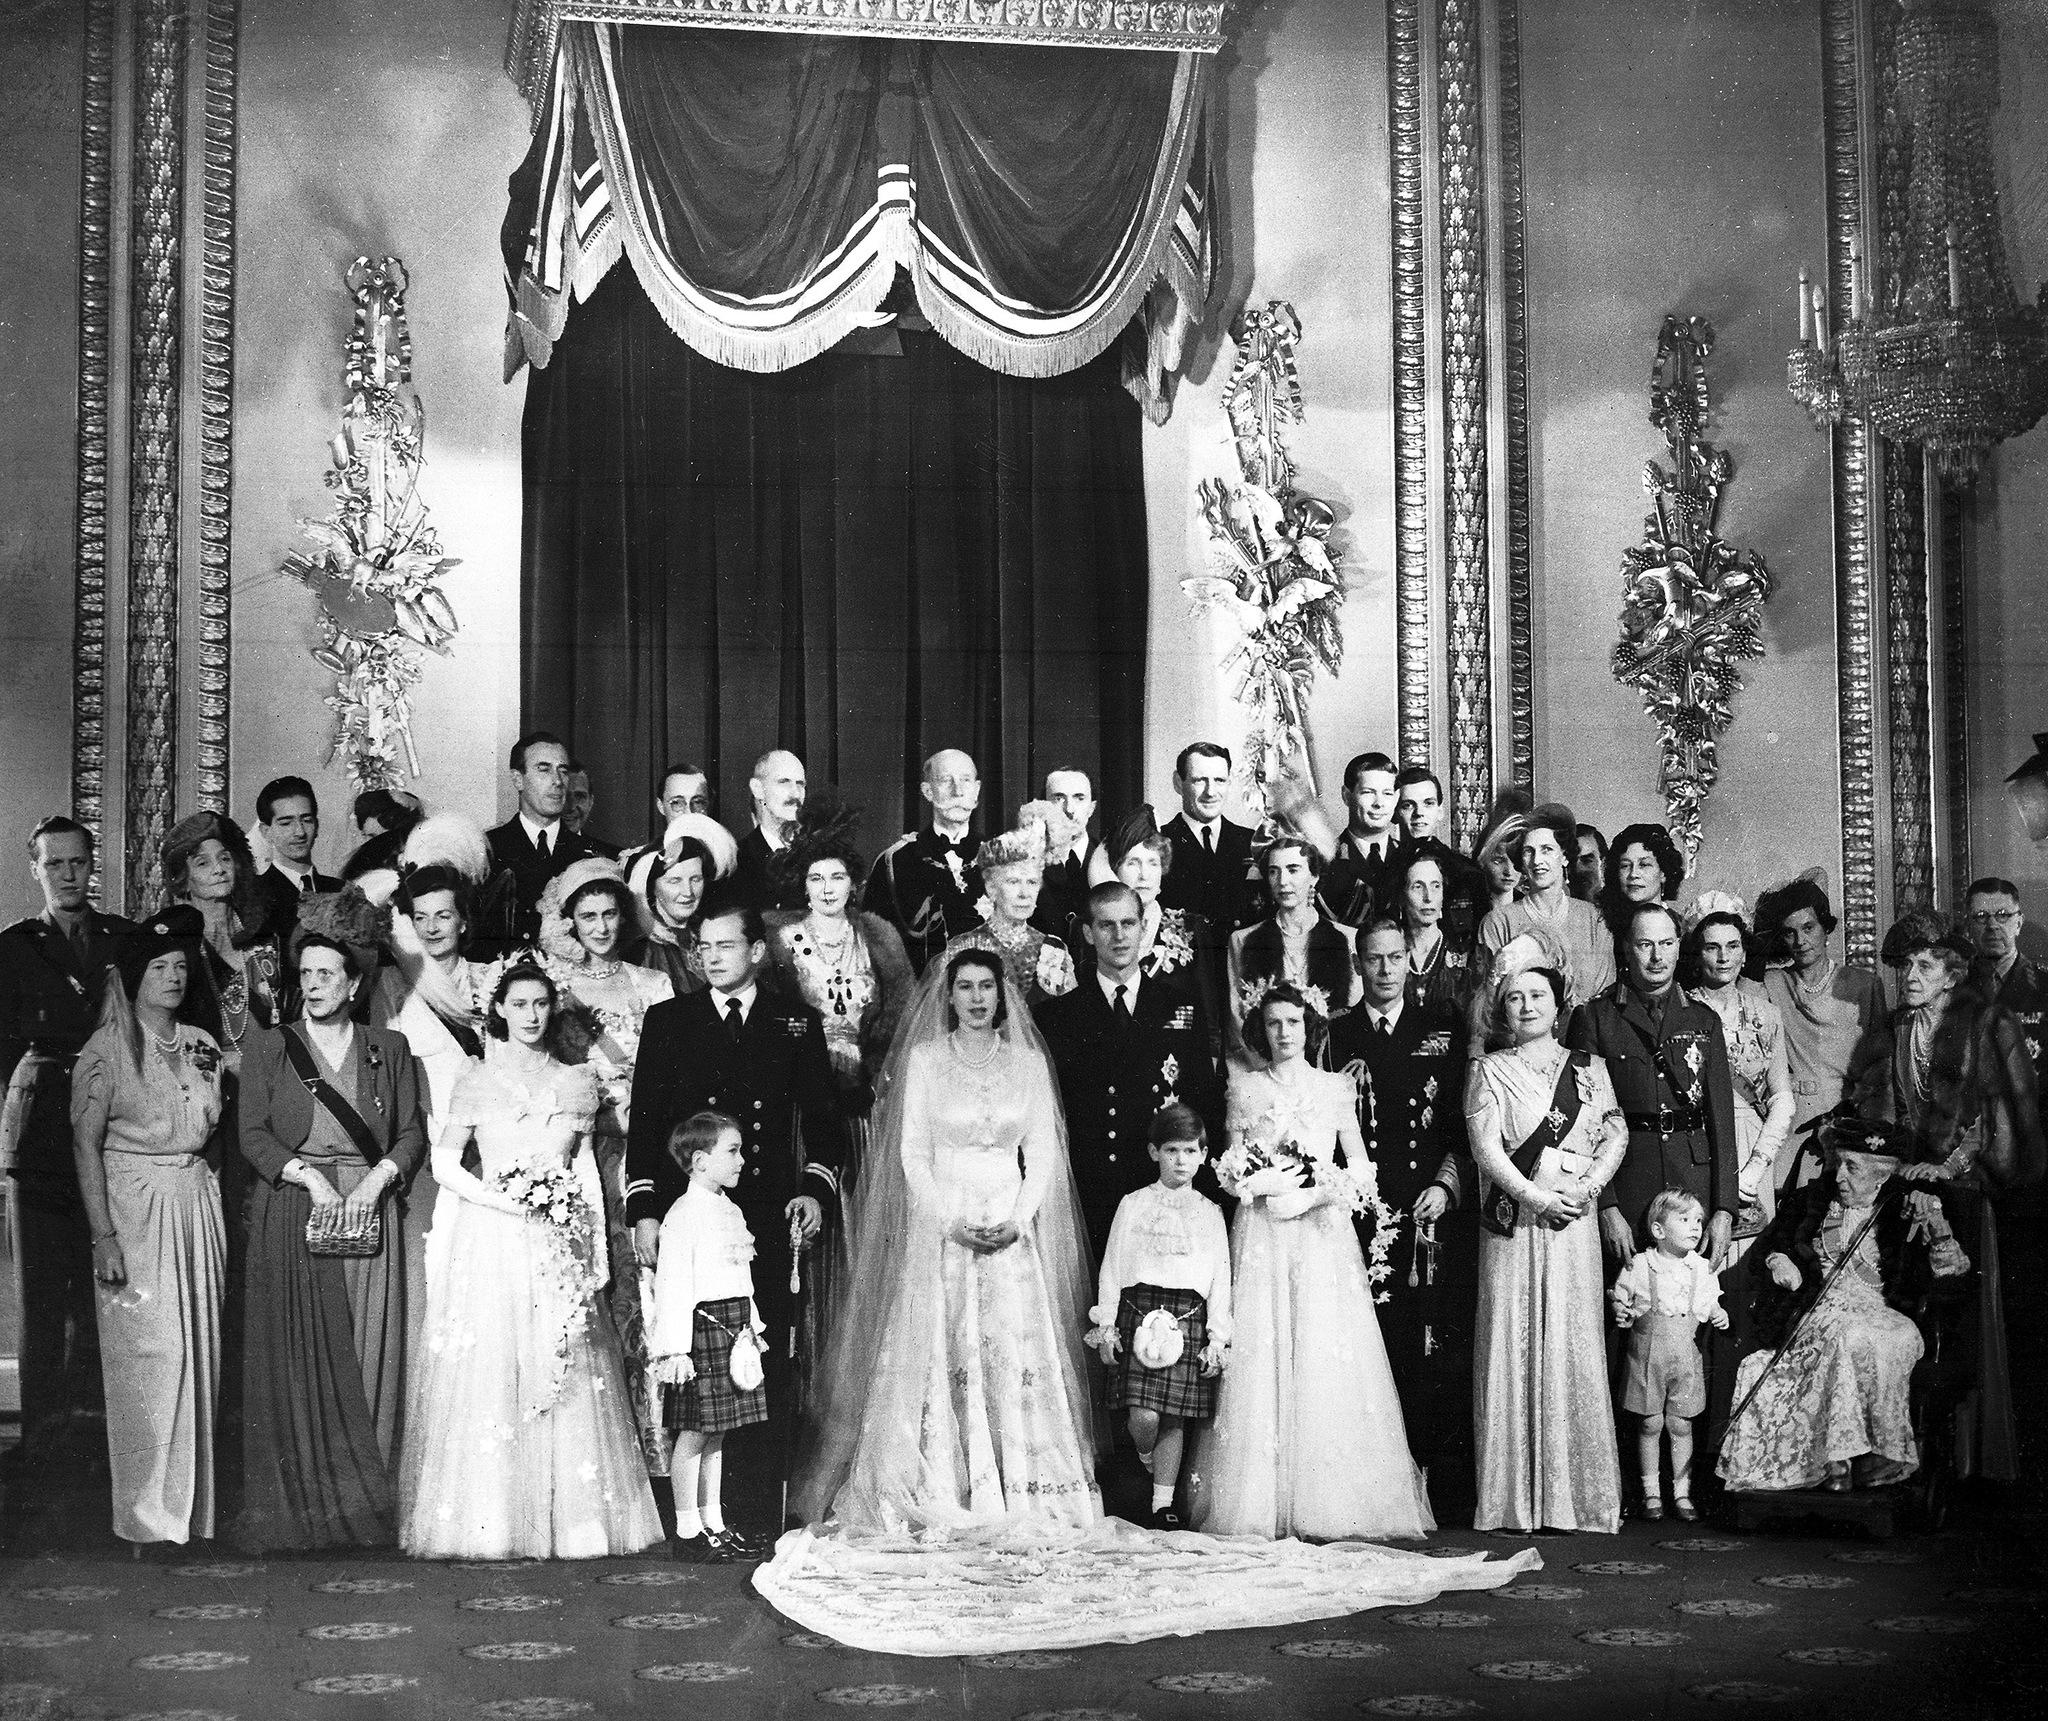 La boda real el 20 de noviembre de 1947.